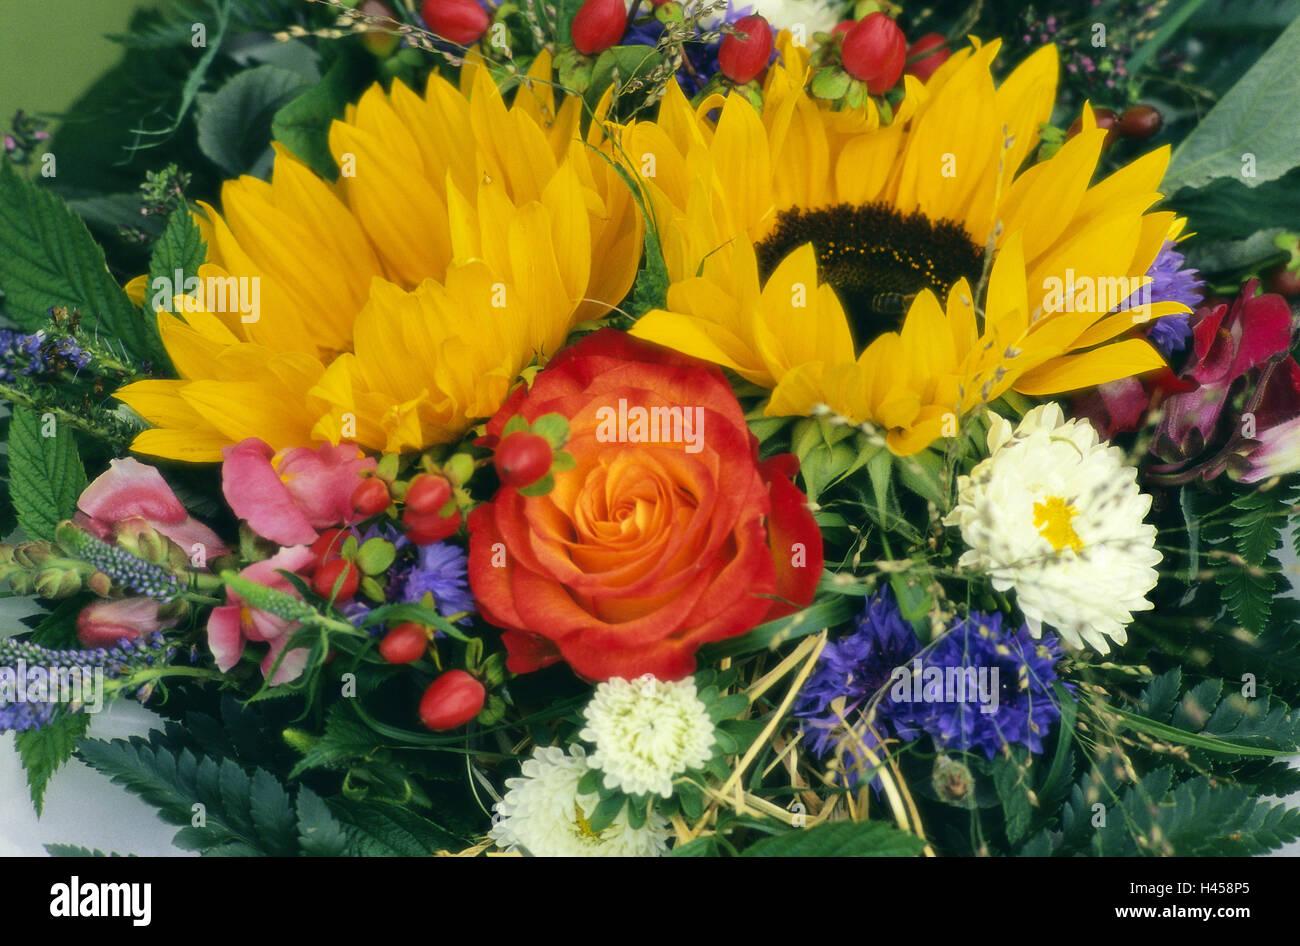 Blume Blumenstrauß, von oben, Detail, Blumen, Blumenstrauß, Rosen ...